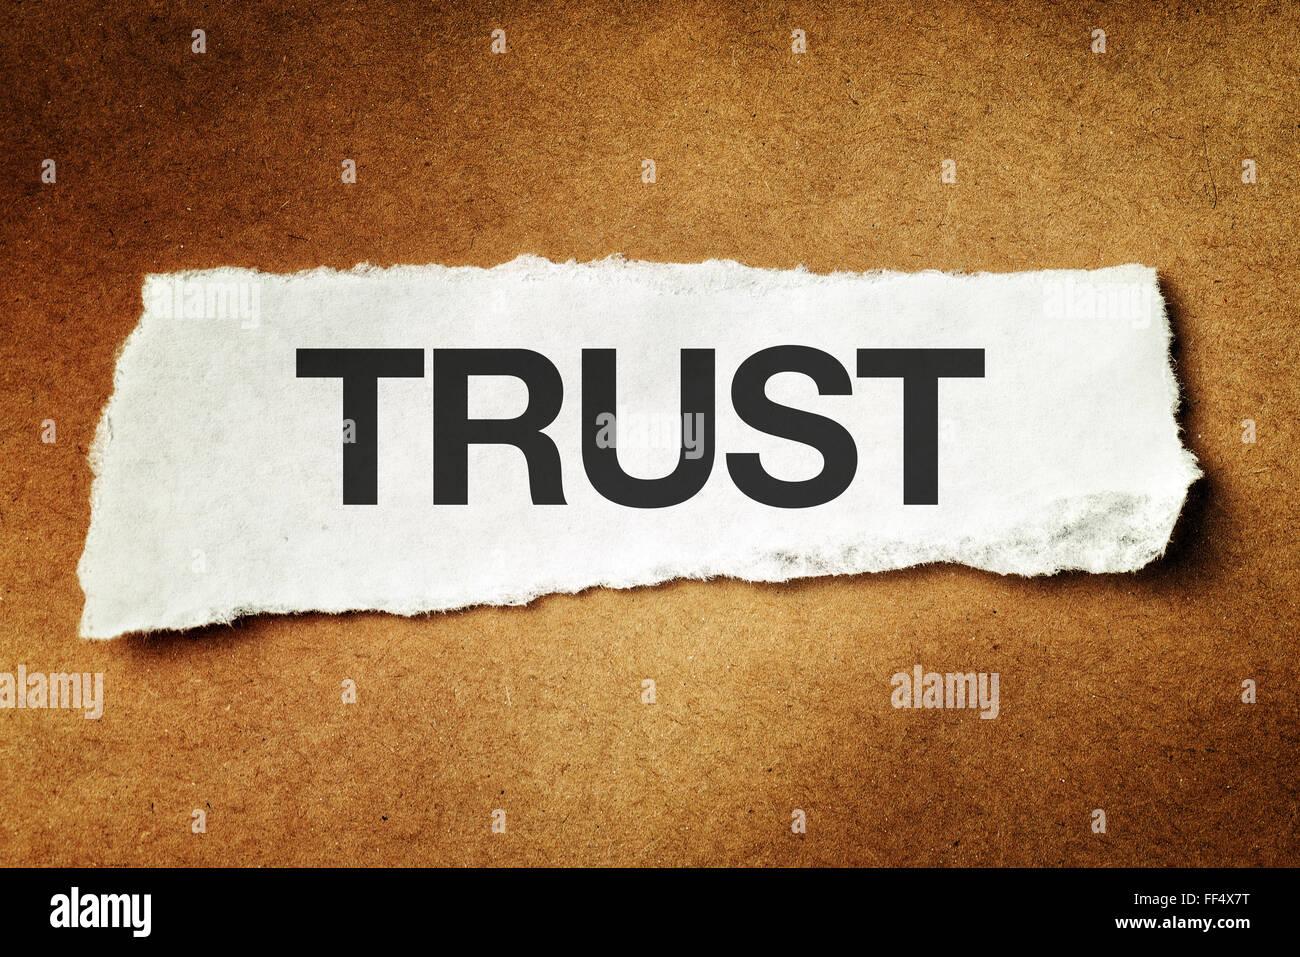 Confianza impreso en un trozo de papel, el concepto de la fe, la confianza y la confianza. Imagen De Stock